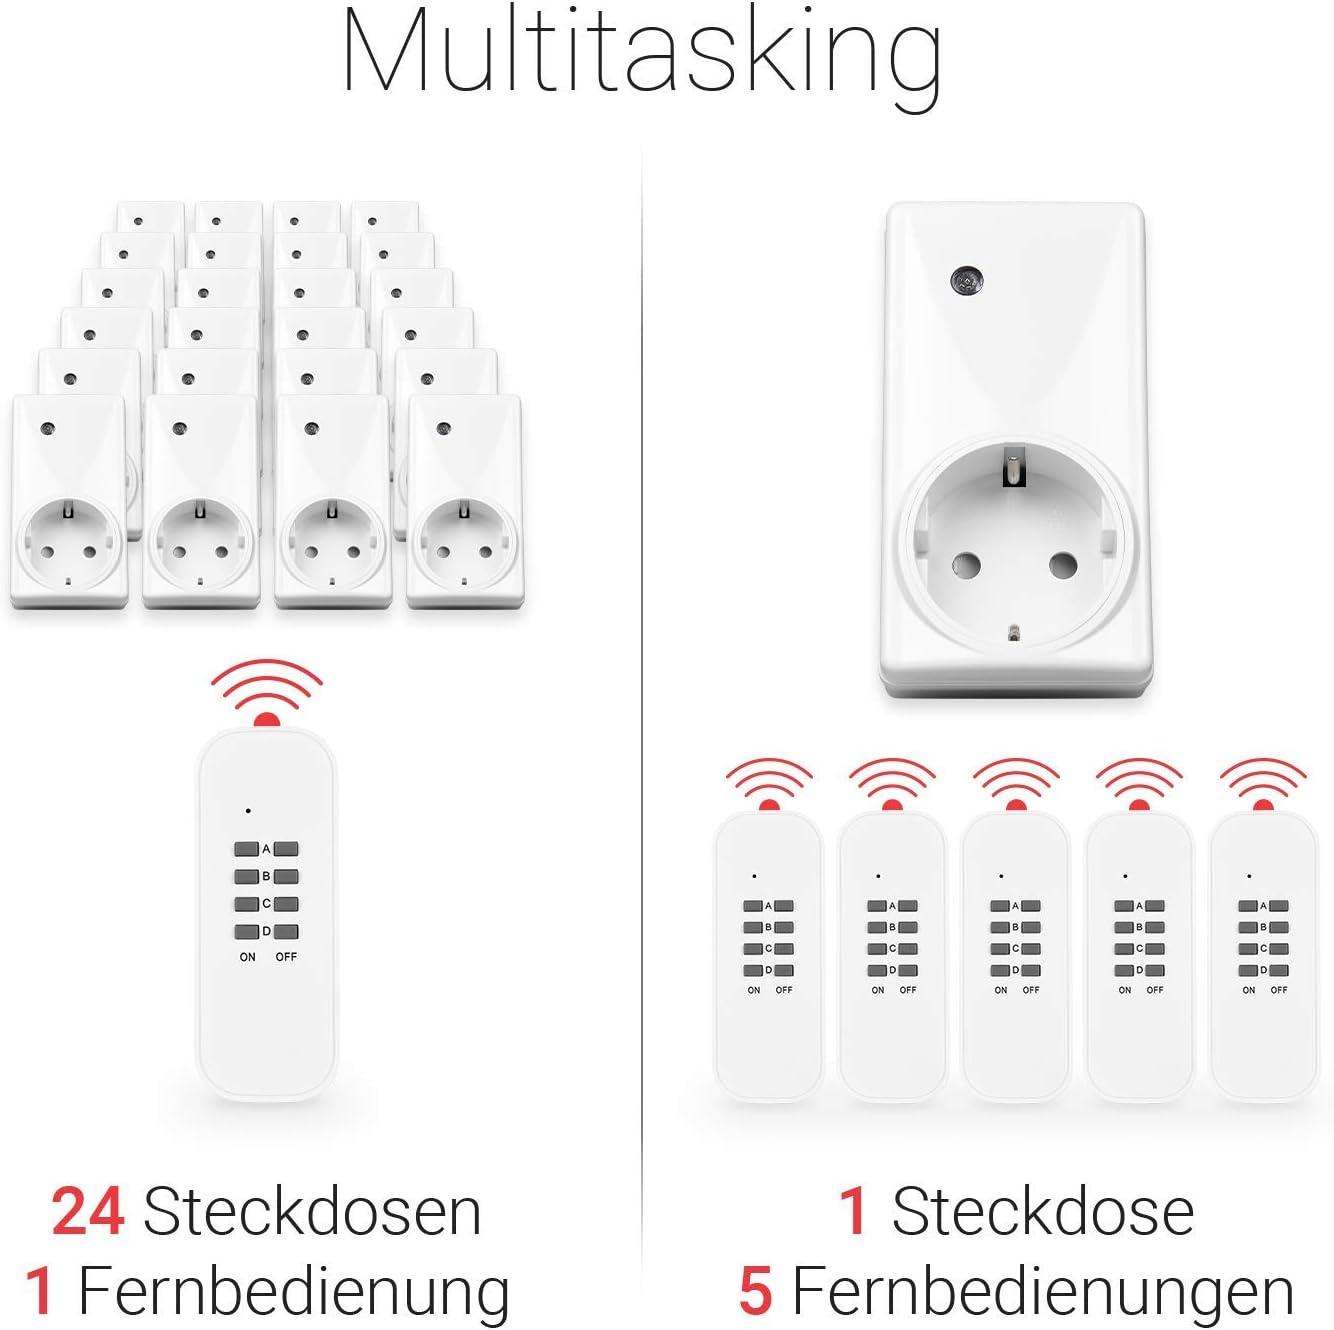 LED-Statusanzeige Funksteckdosenset bis zu 25m Reichweite HEITECH 2er Funksteckdosen Set mit Fernbedienung Kindersicherung Funksteckdose f/ür den Innenbereich IP20 mit selbstlernende Codierung